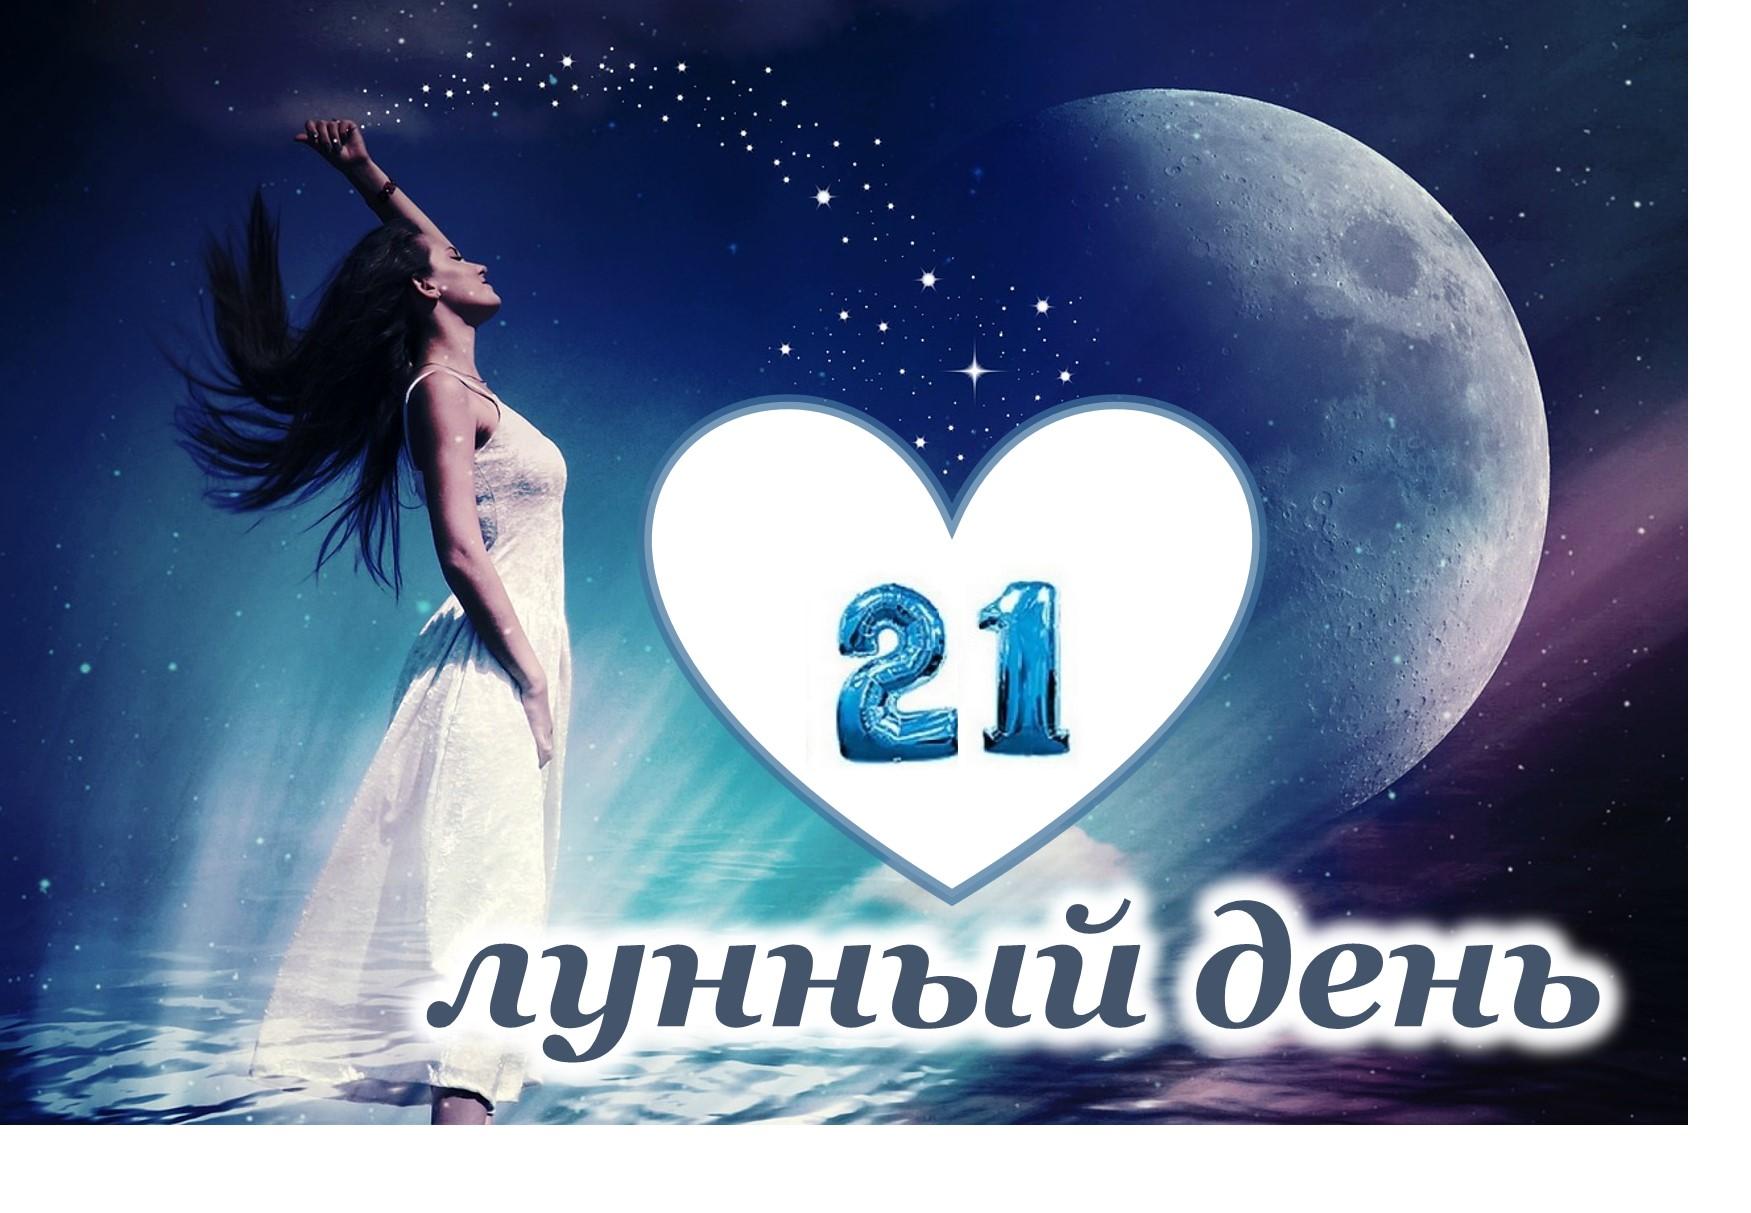 25 Февраля. 21 лунный день с 00:30, Луна в Скорпионе